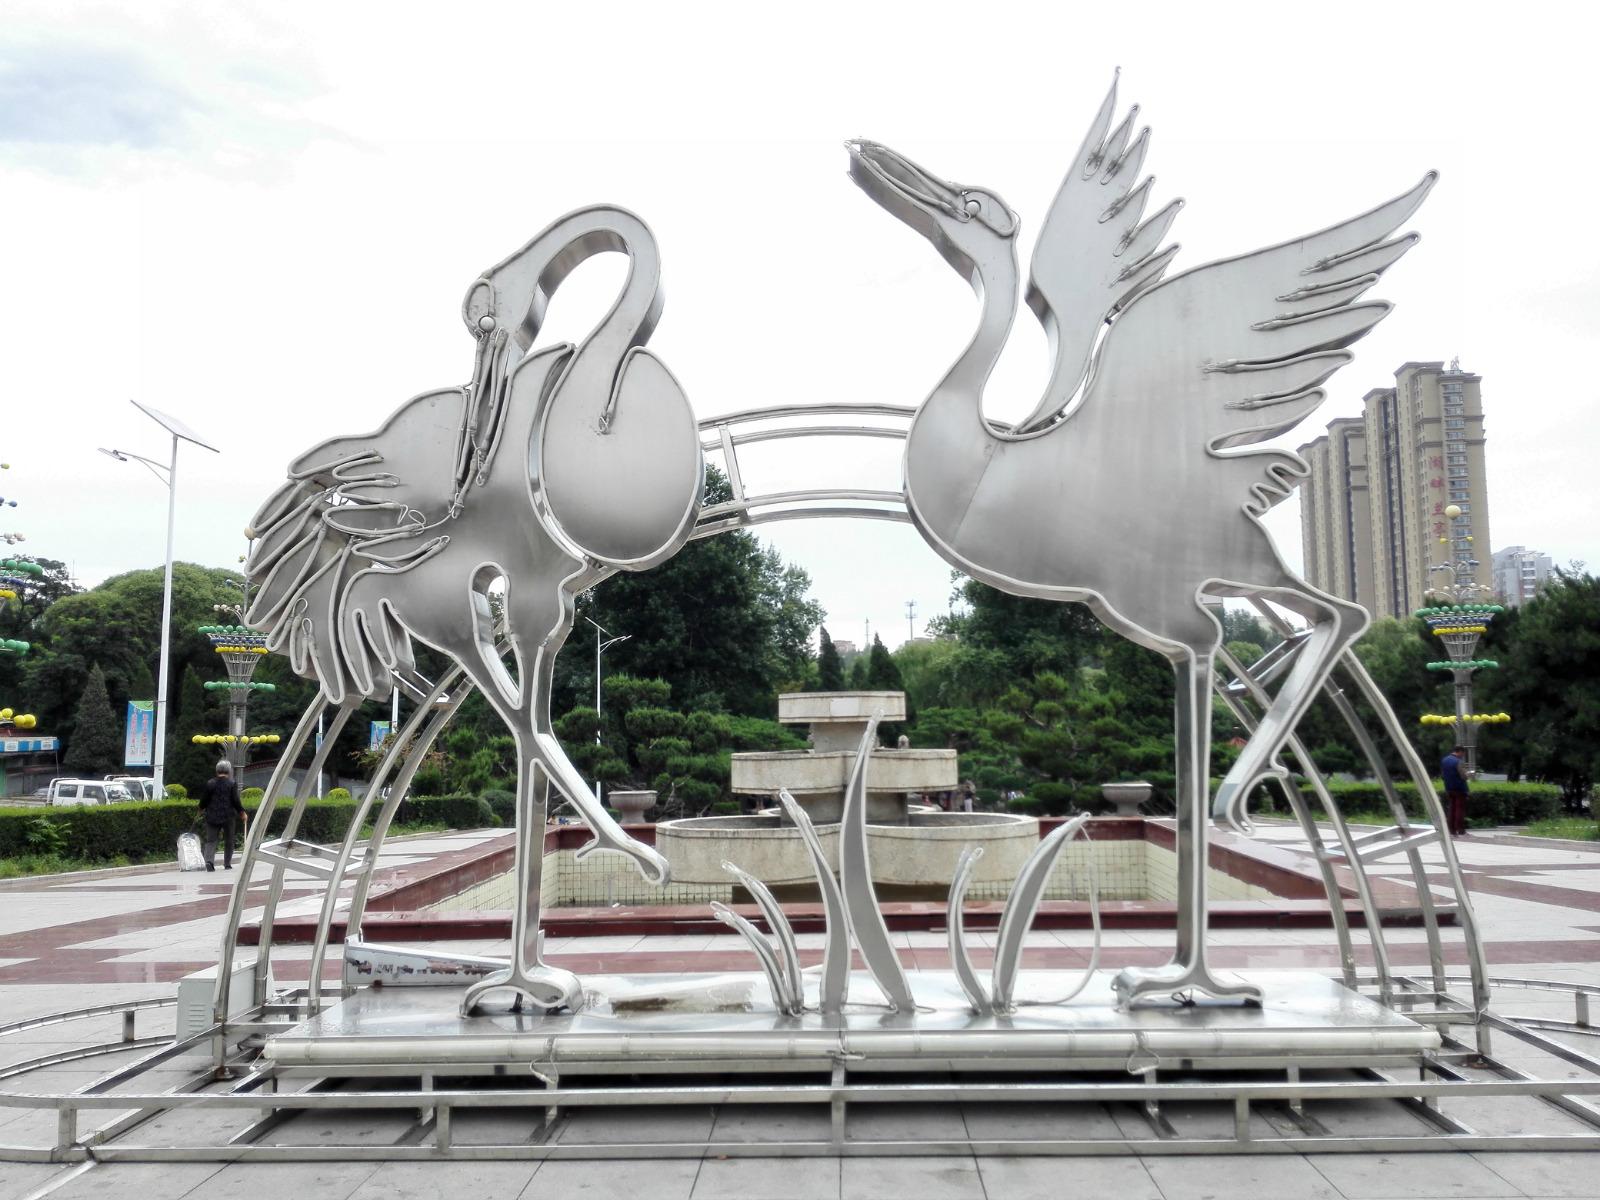 【位置】锦州动物园原名北湖公园,位于凌河区人民街五段【交通】在